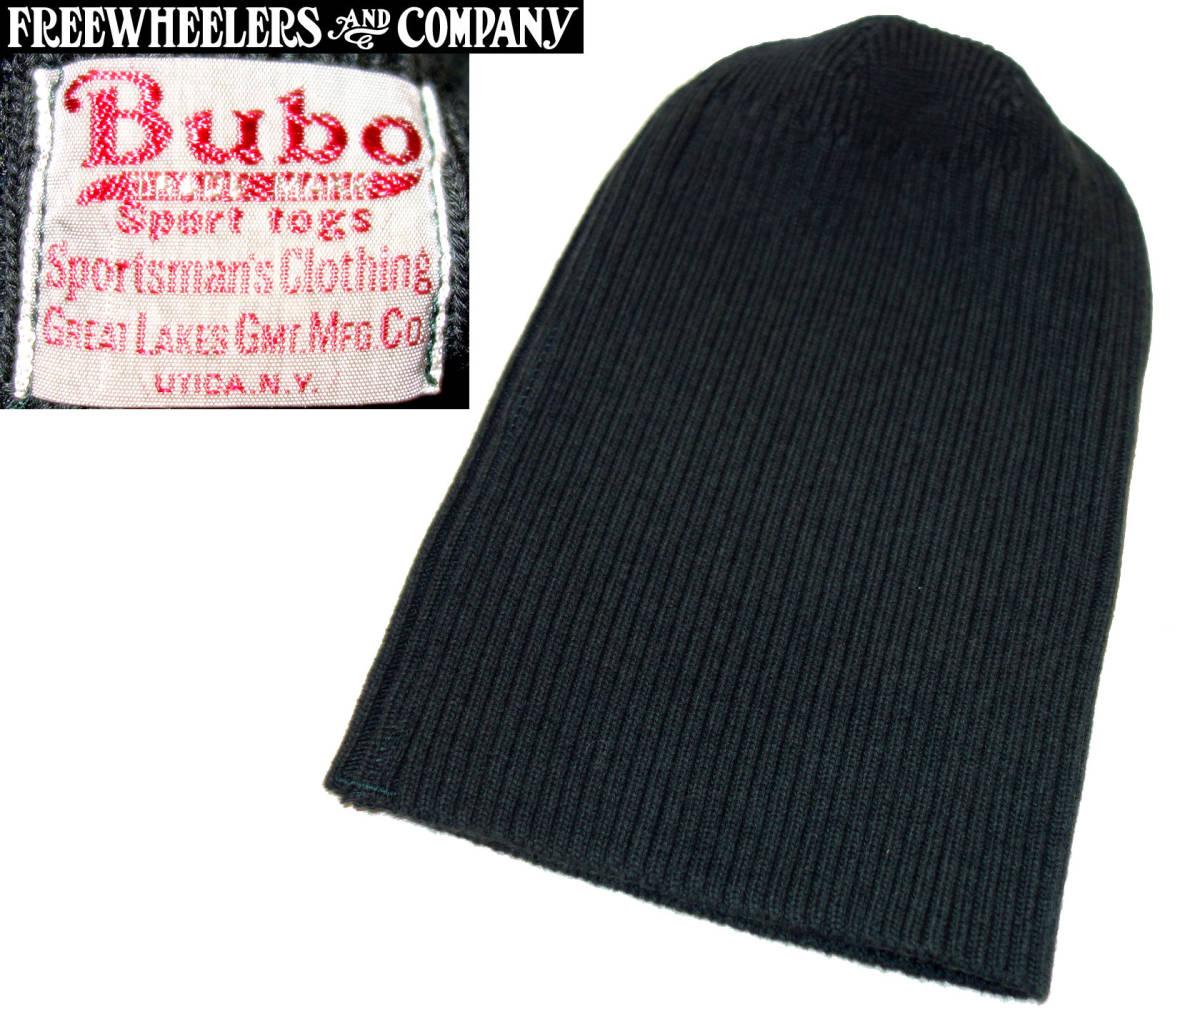 お買取り商品フリーホイーラーズFREEWHEELERSGREAT LAKES GMT. MFG. Co Buboニット帽深緑ビーニー